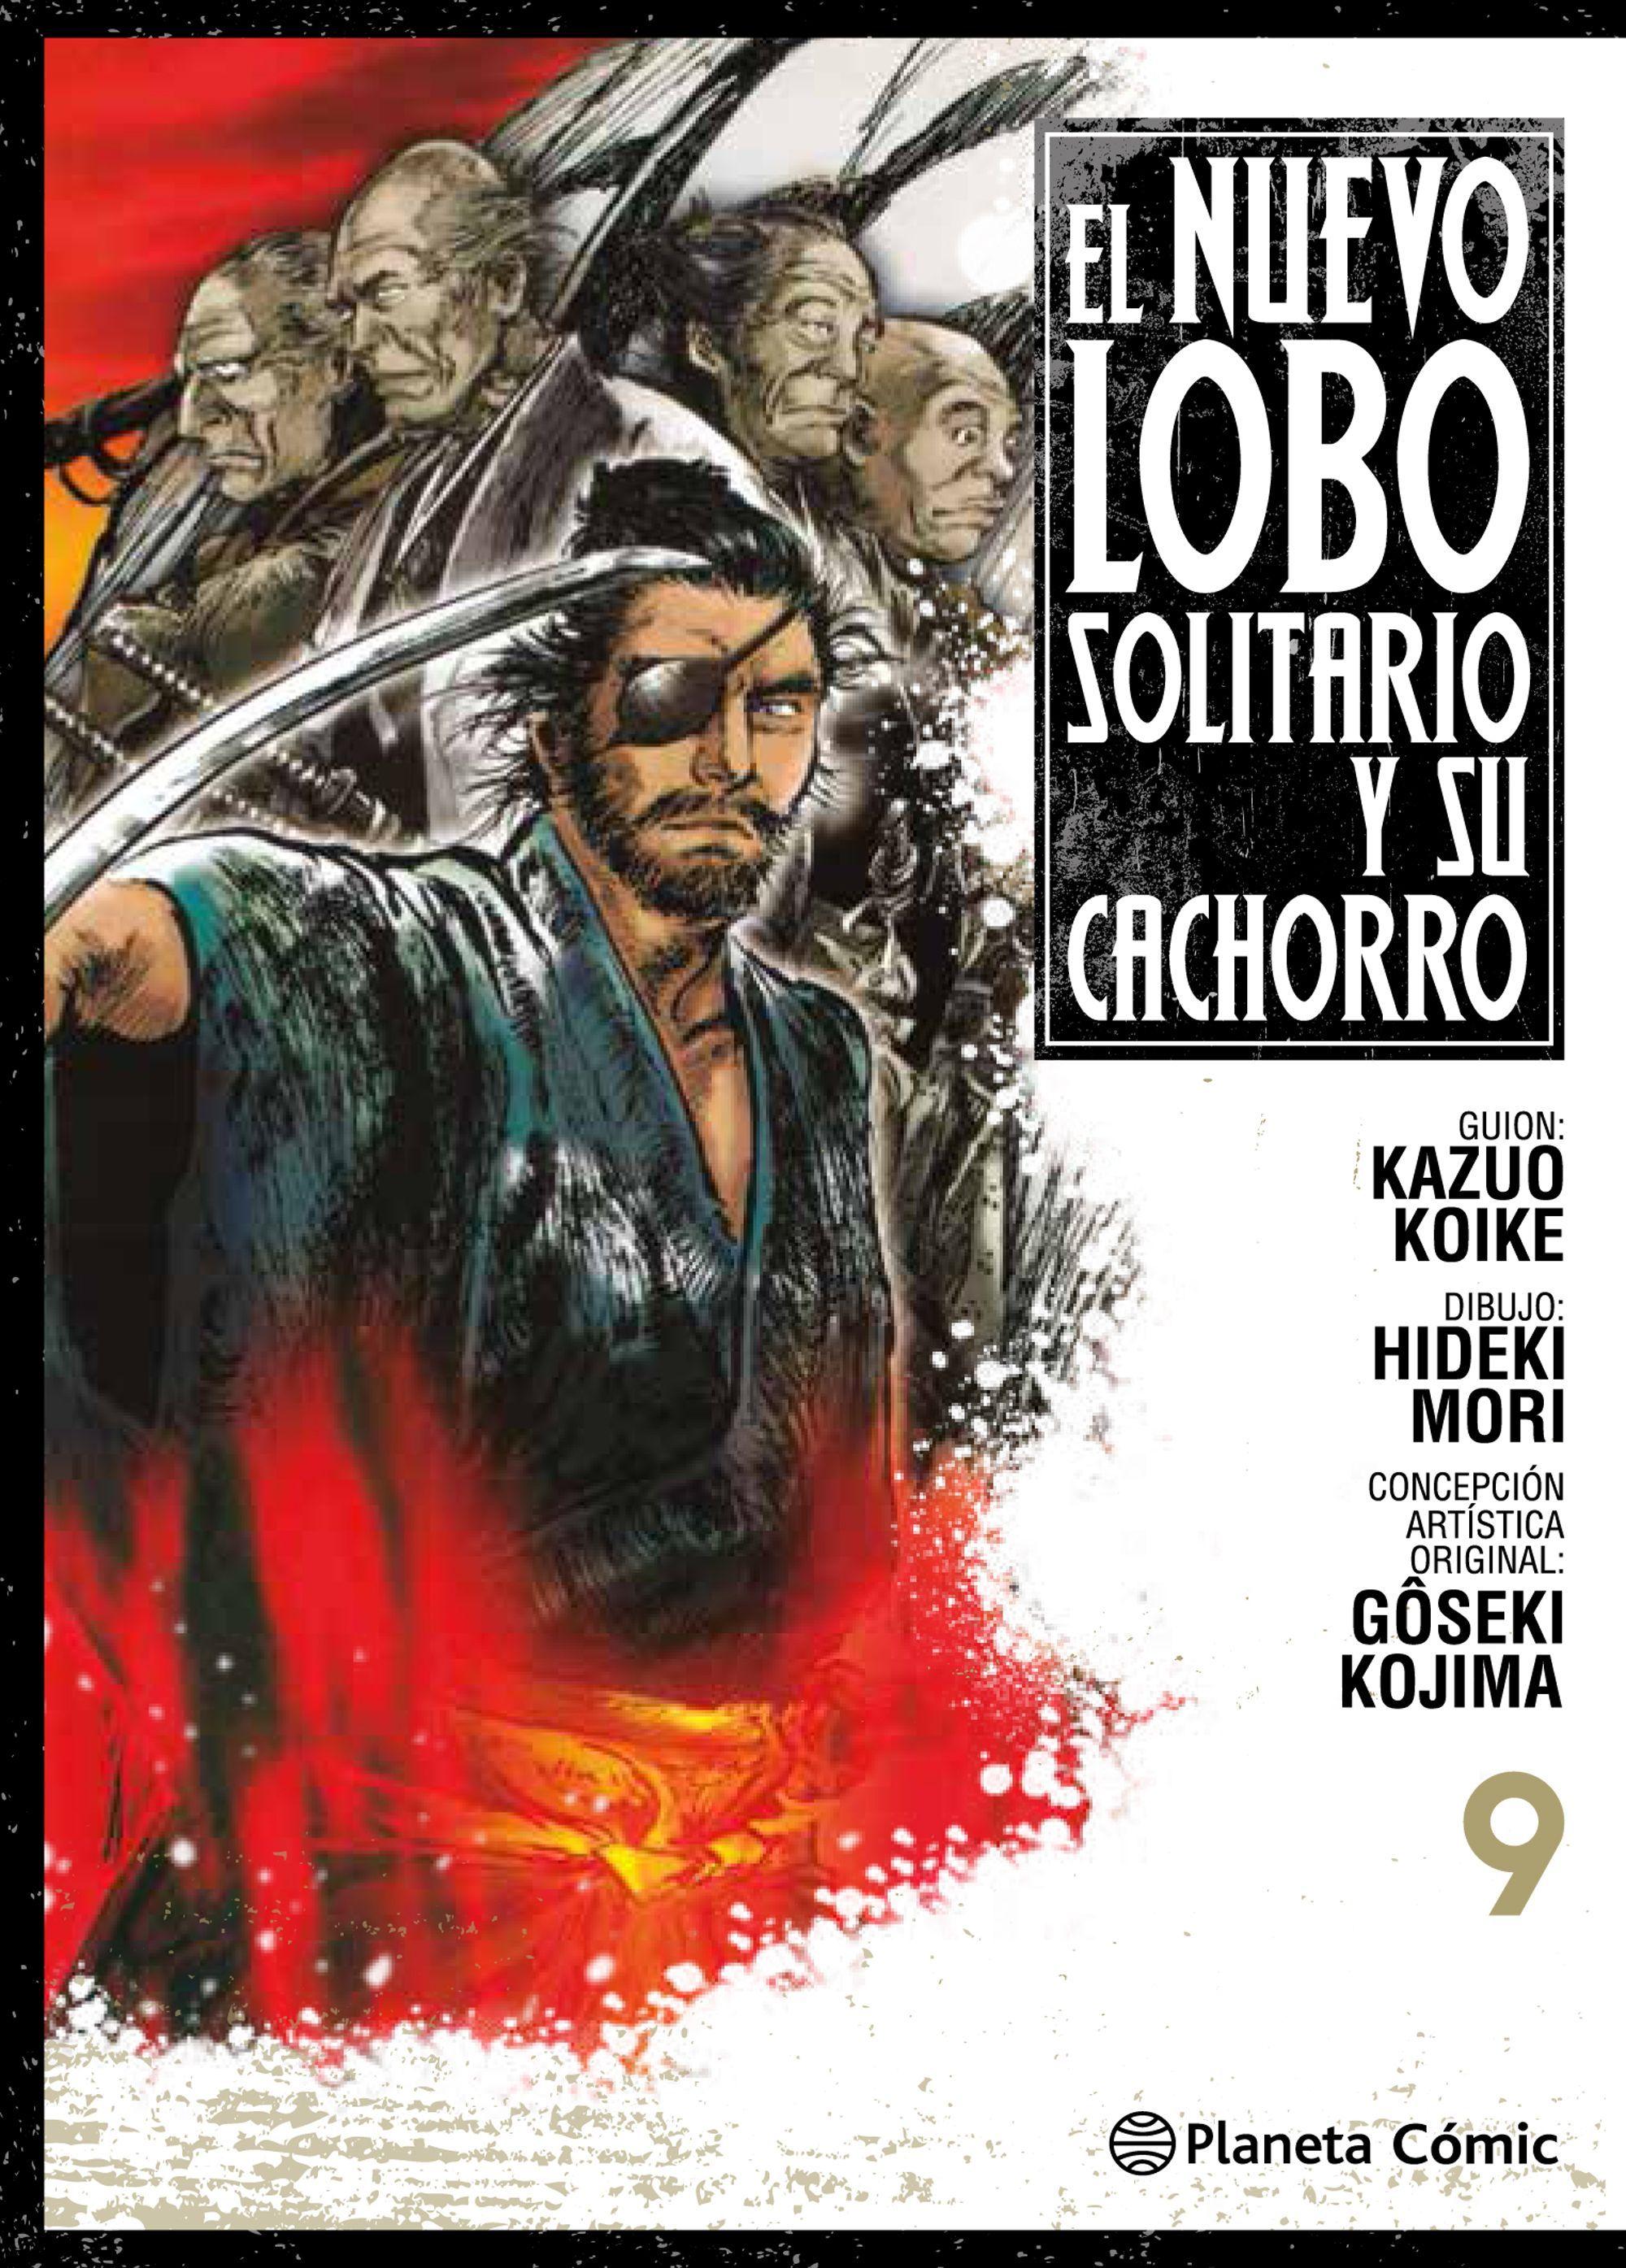 NUEVO LOBO SOLITARIO Y SU CACHORRO Nº 09